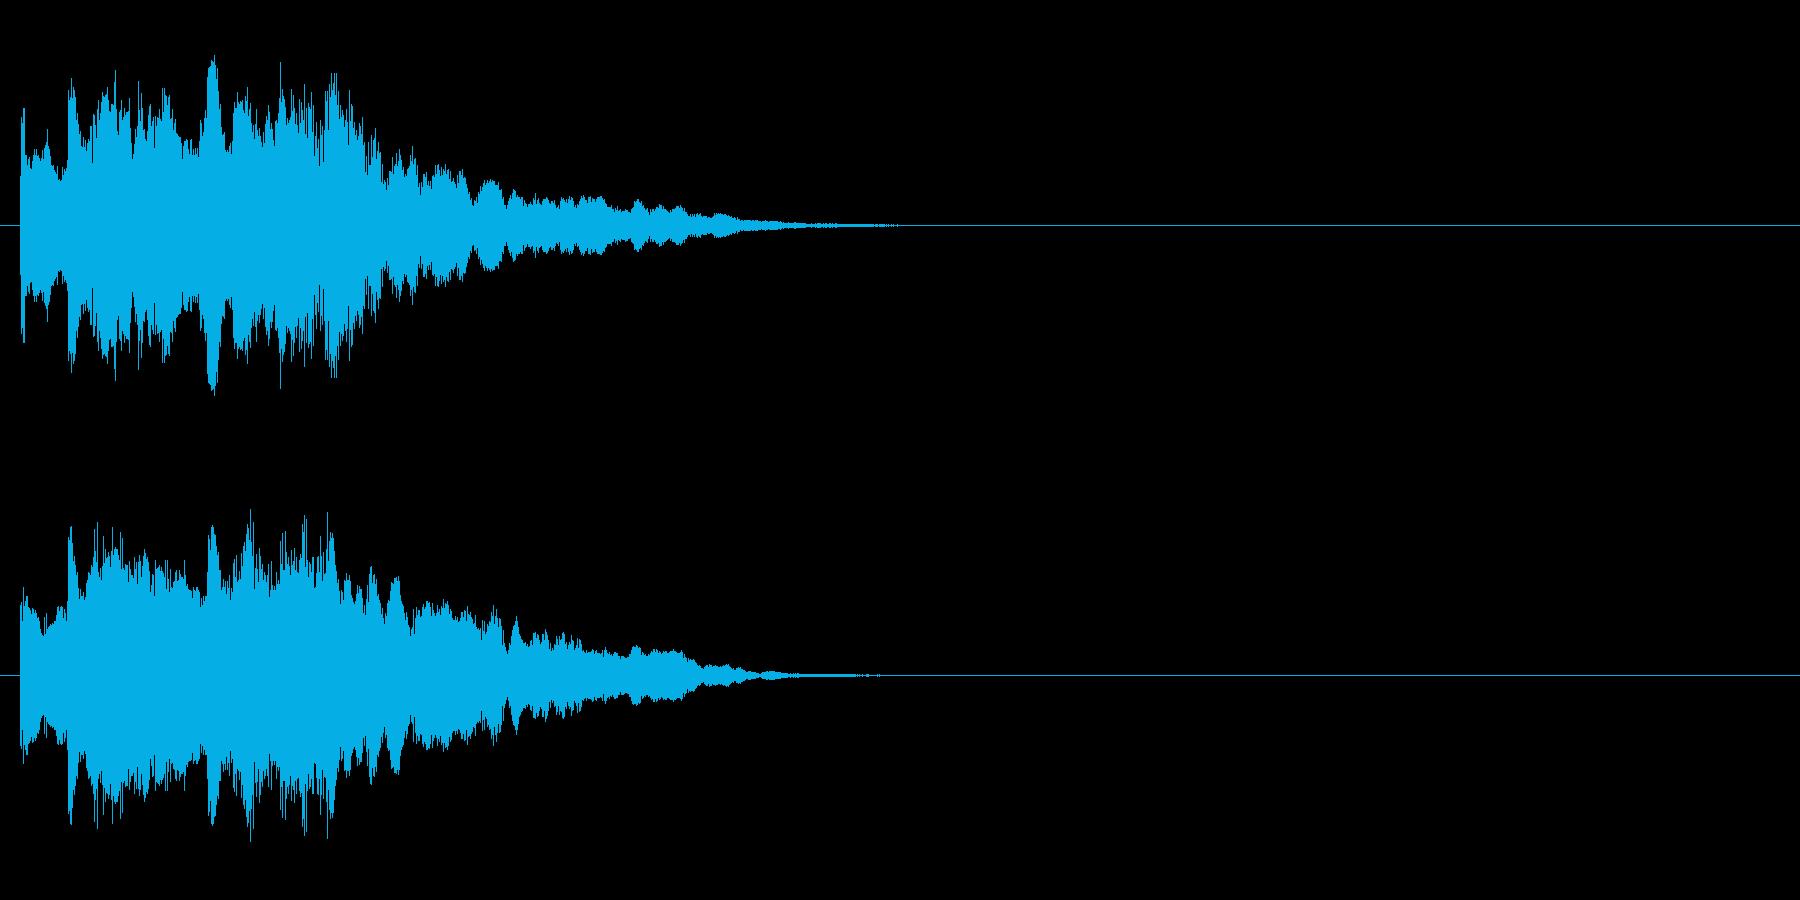 ジングル/神秘的、場面転換(環境)の再生済みの波形